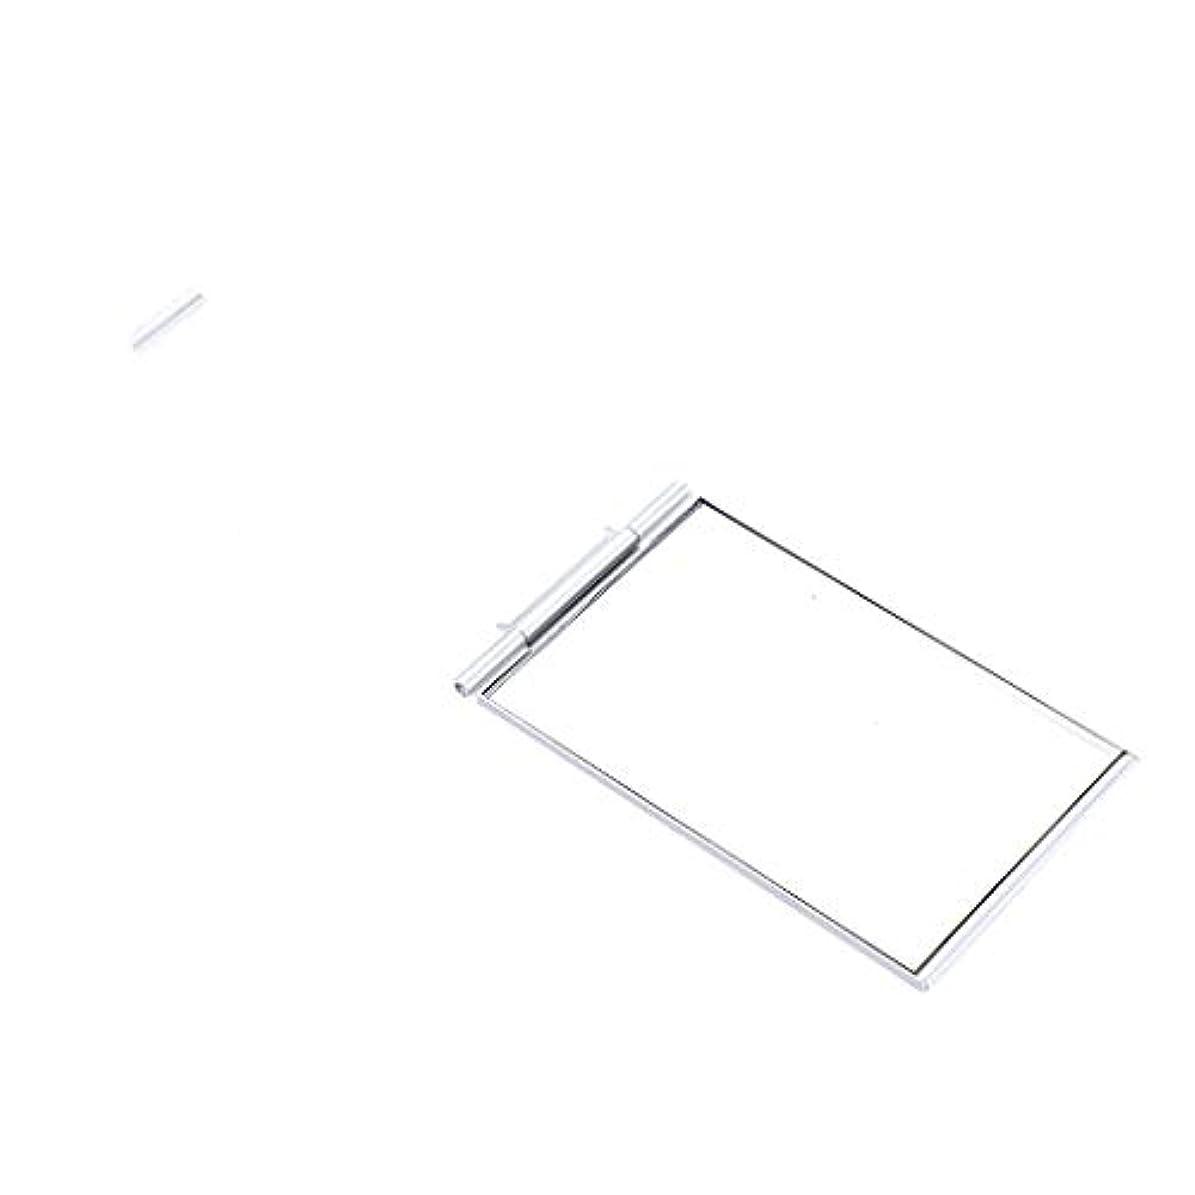 バッジハイランドゴールデンB Baosity ファッション ポケットサイズ 化粧ミラー メイクアップミラー スクエア 2サイズ選べ - 5